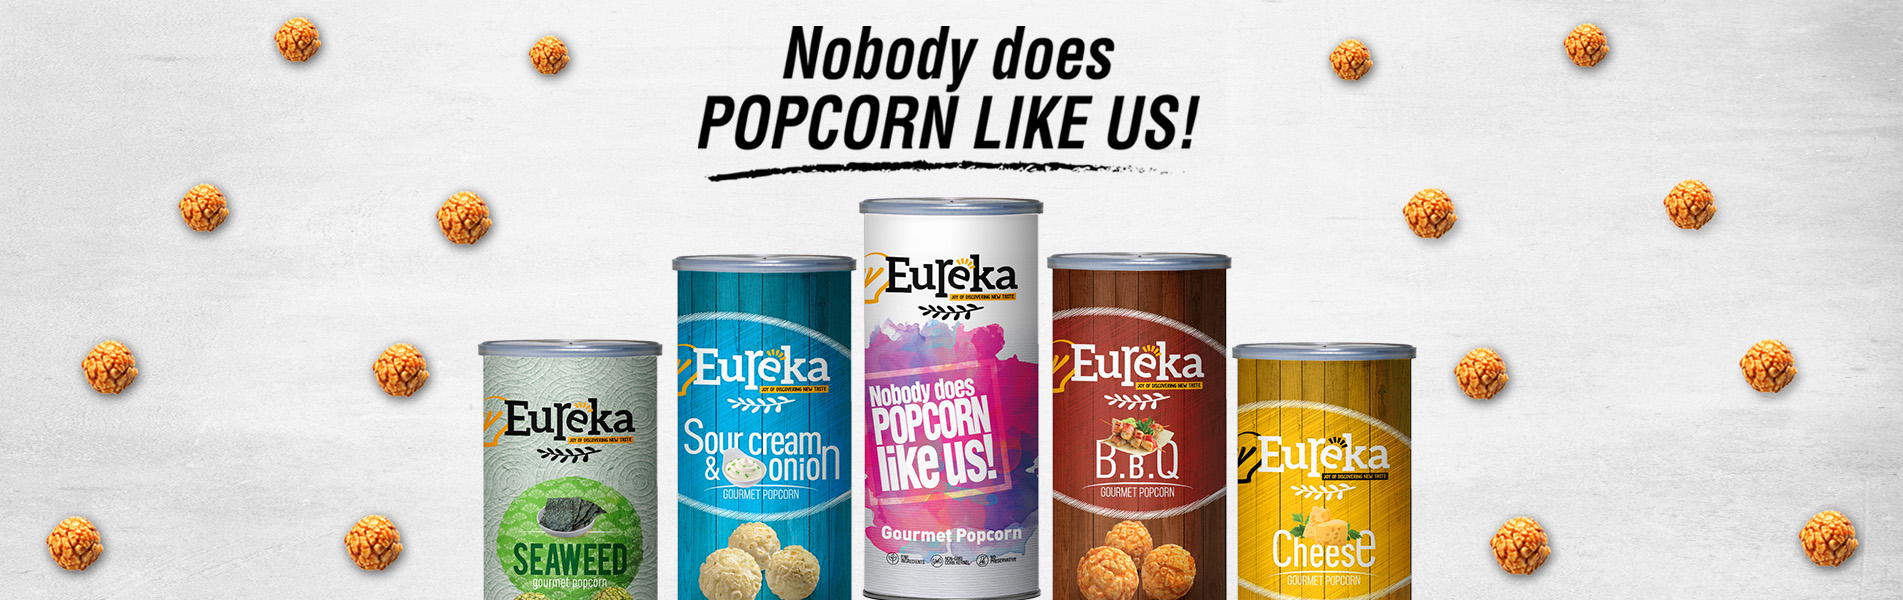 Butterscotch_ popcorn_1903px x 600px